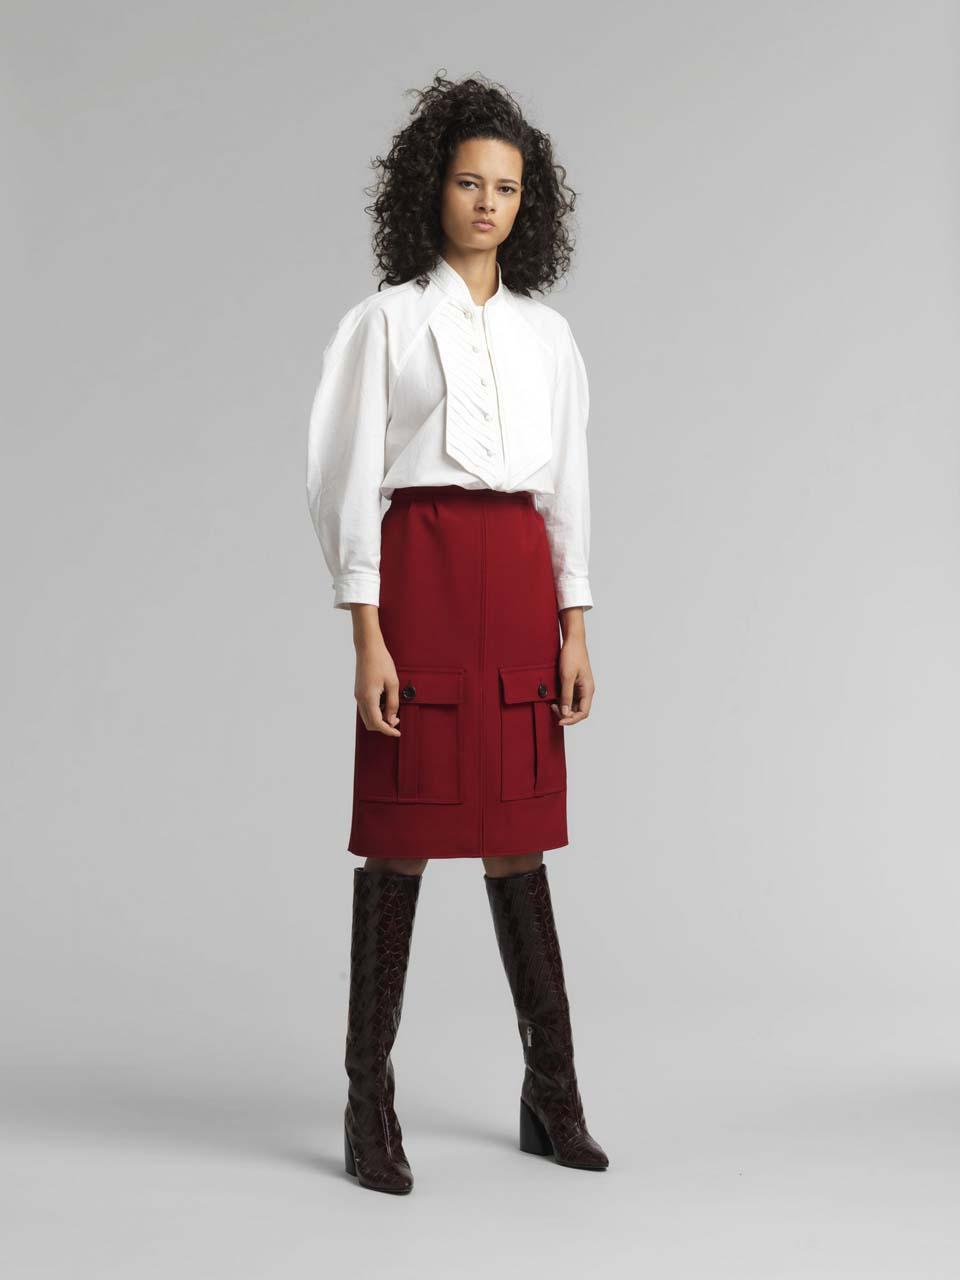 chloe red skirt